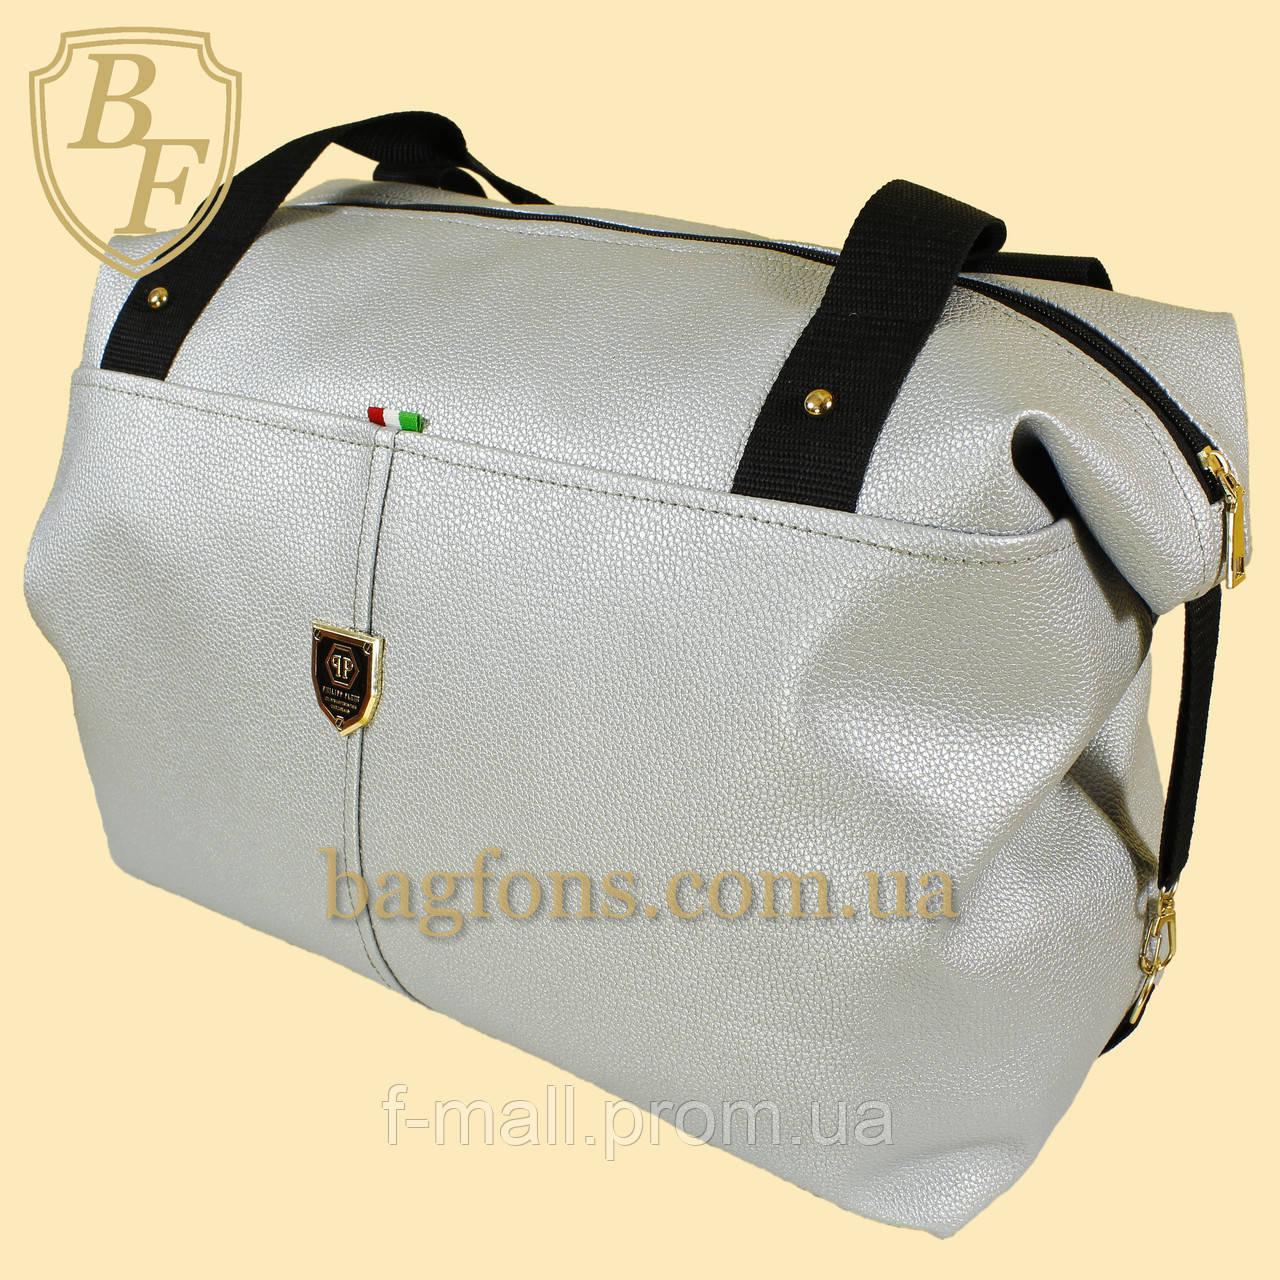 Женская дорожная сумка искусственная кожа серебристая